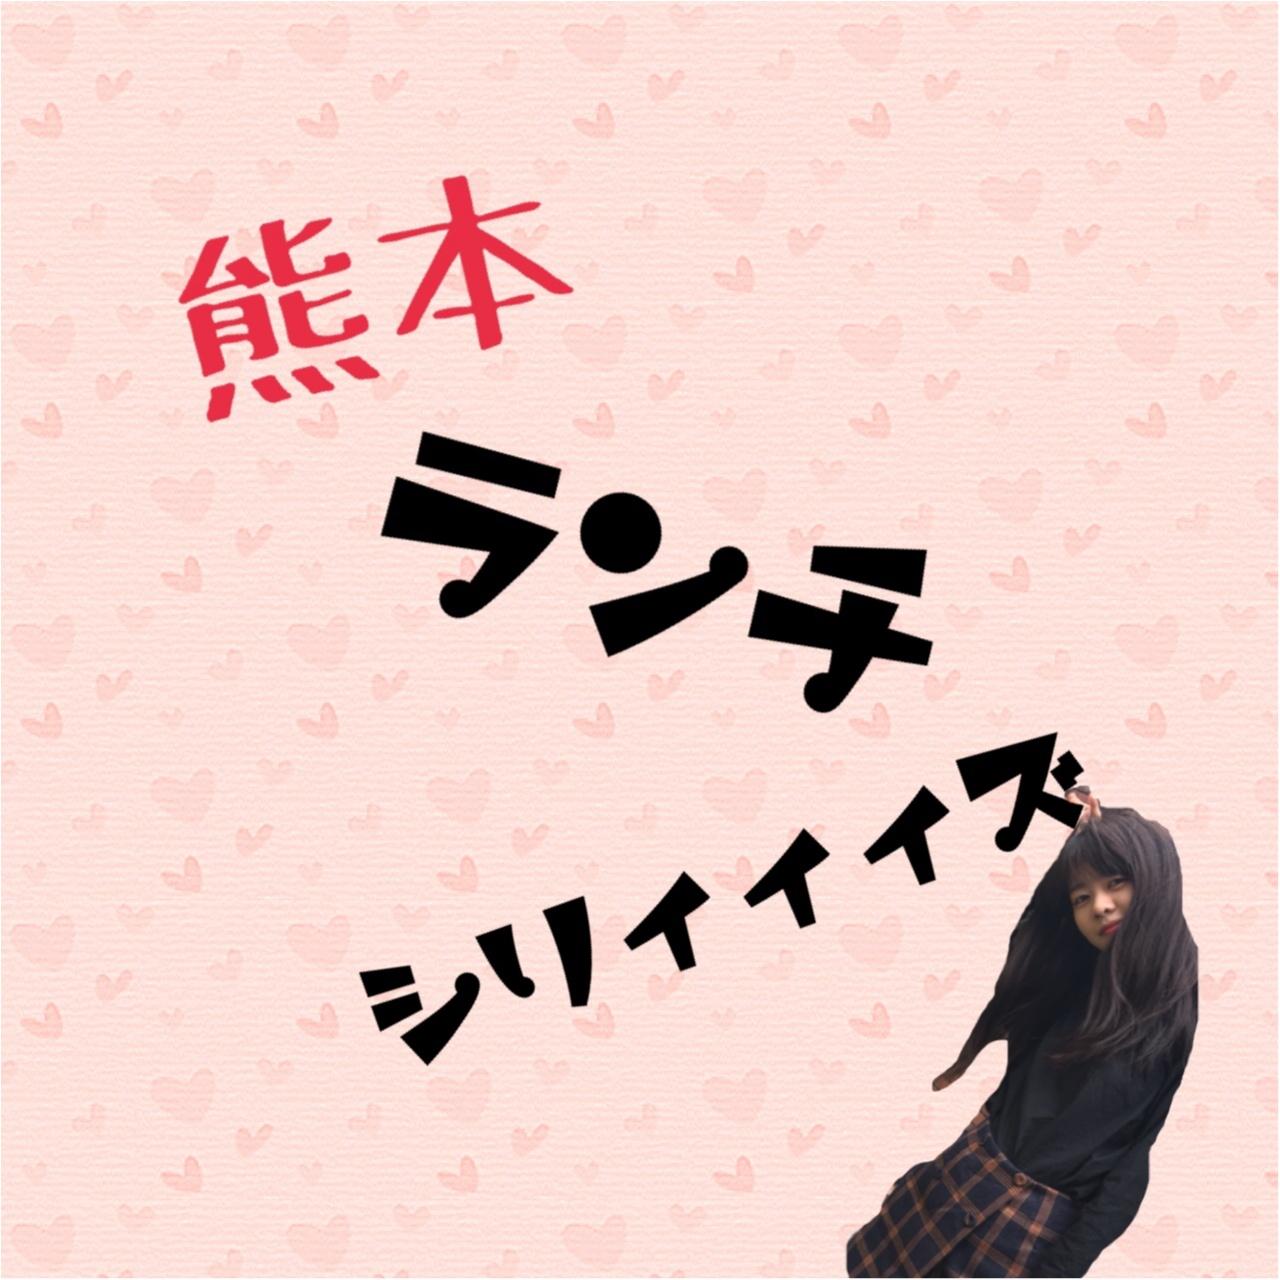 「ロコモコ丼」から「フレンチランチ」「黒カレー」まで! 熊本市内で私がオススメしたいランチまとめ!!!【#モアチャレ 熊本の魅力発信!】_1